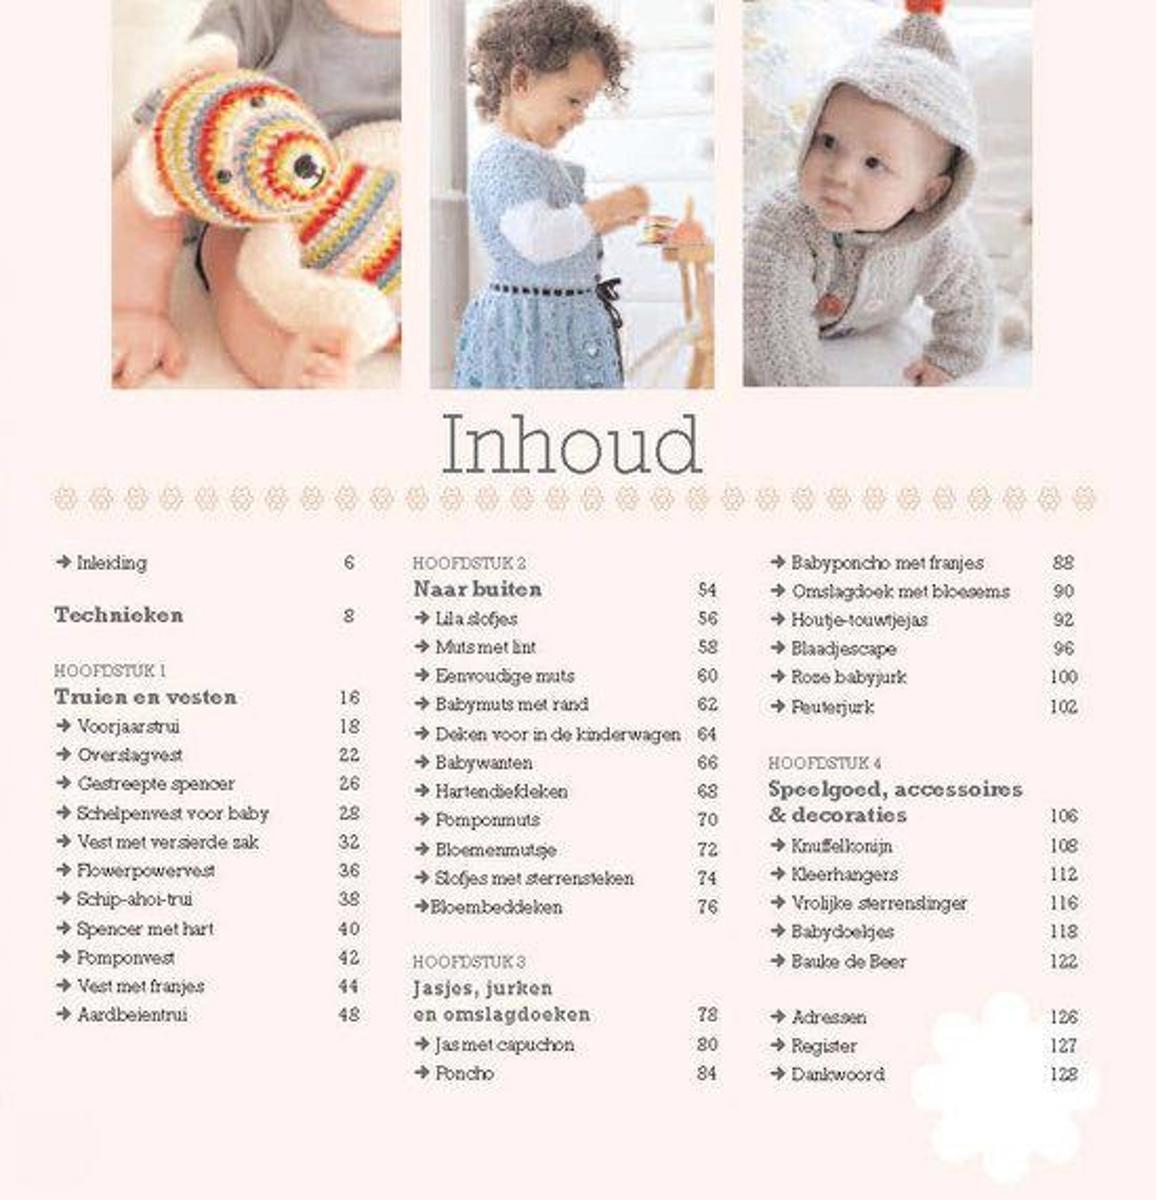 Bolcom Haken Voor De Baby Nicki Trench 9789058779786 Boeken